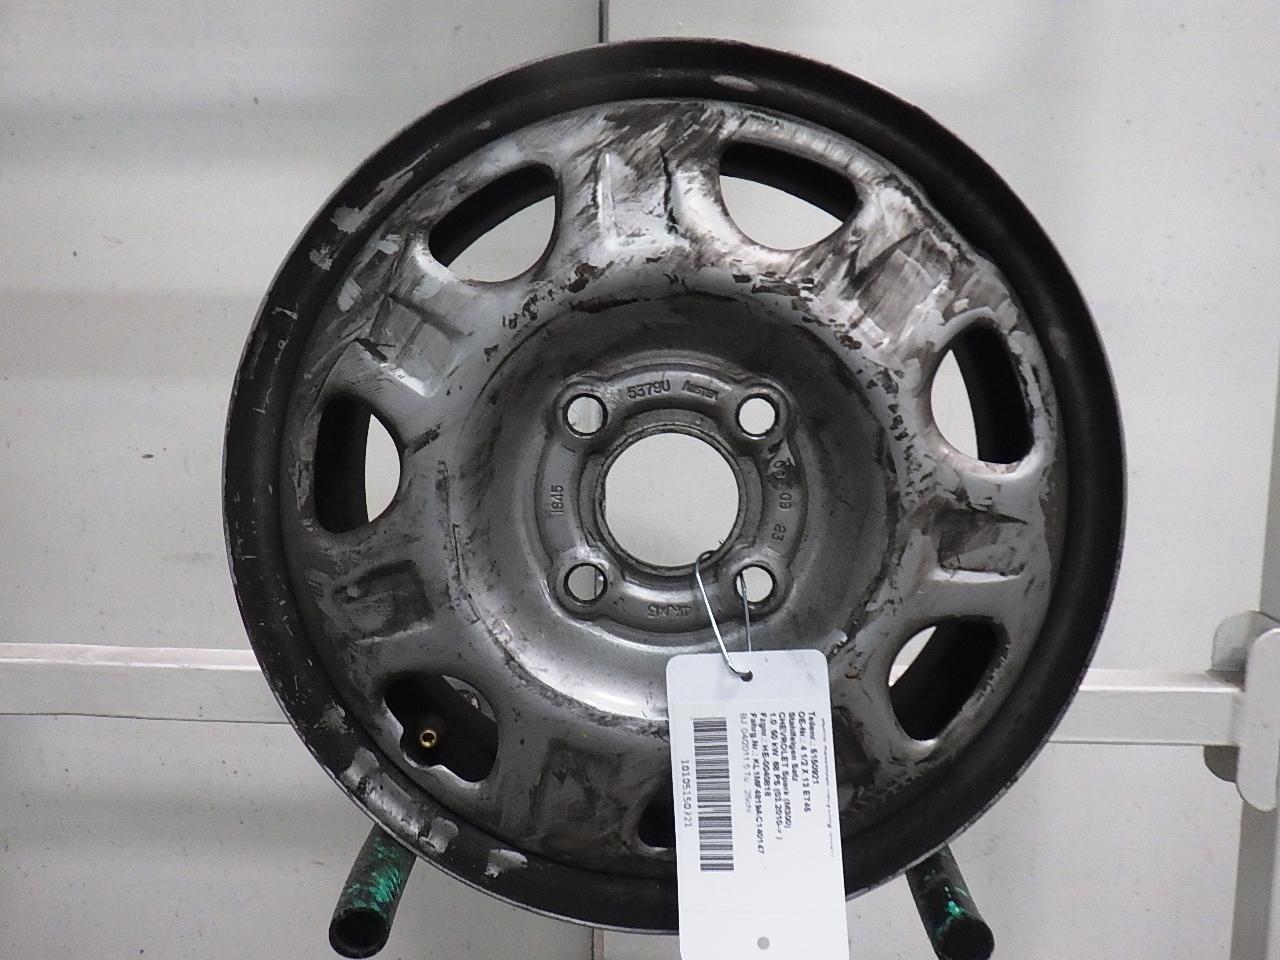 Jante Chevrolet Spark M300 1 0 4 1 2 X 13 Et45 1 Satz 4 Stuck B Parts